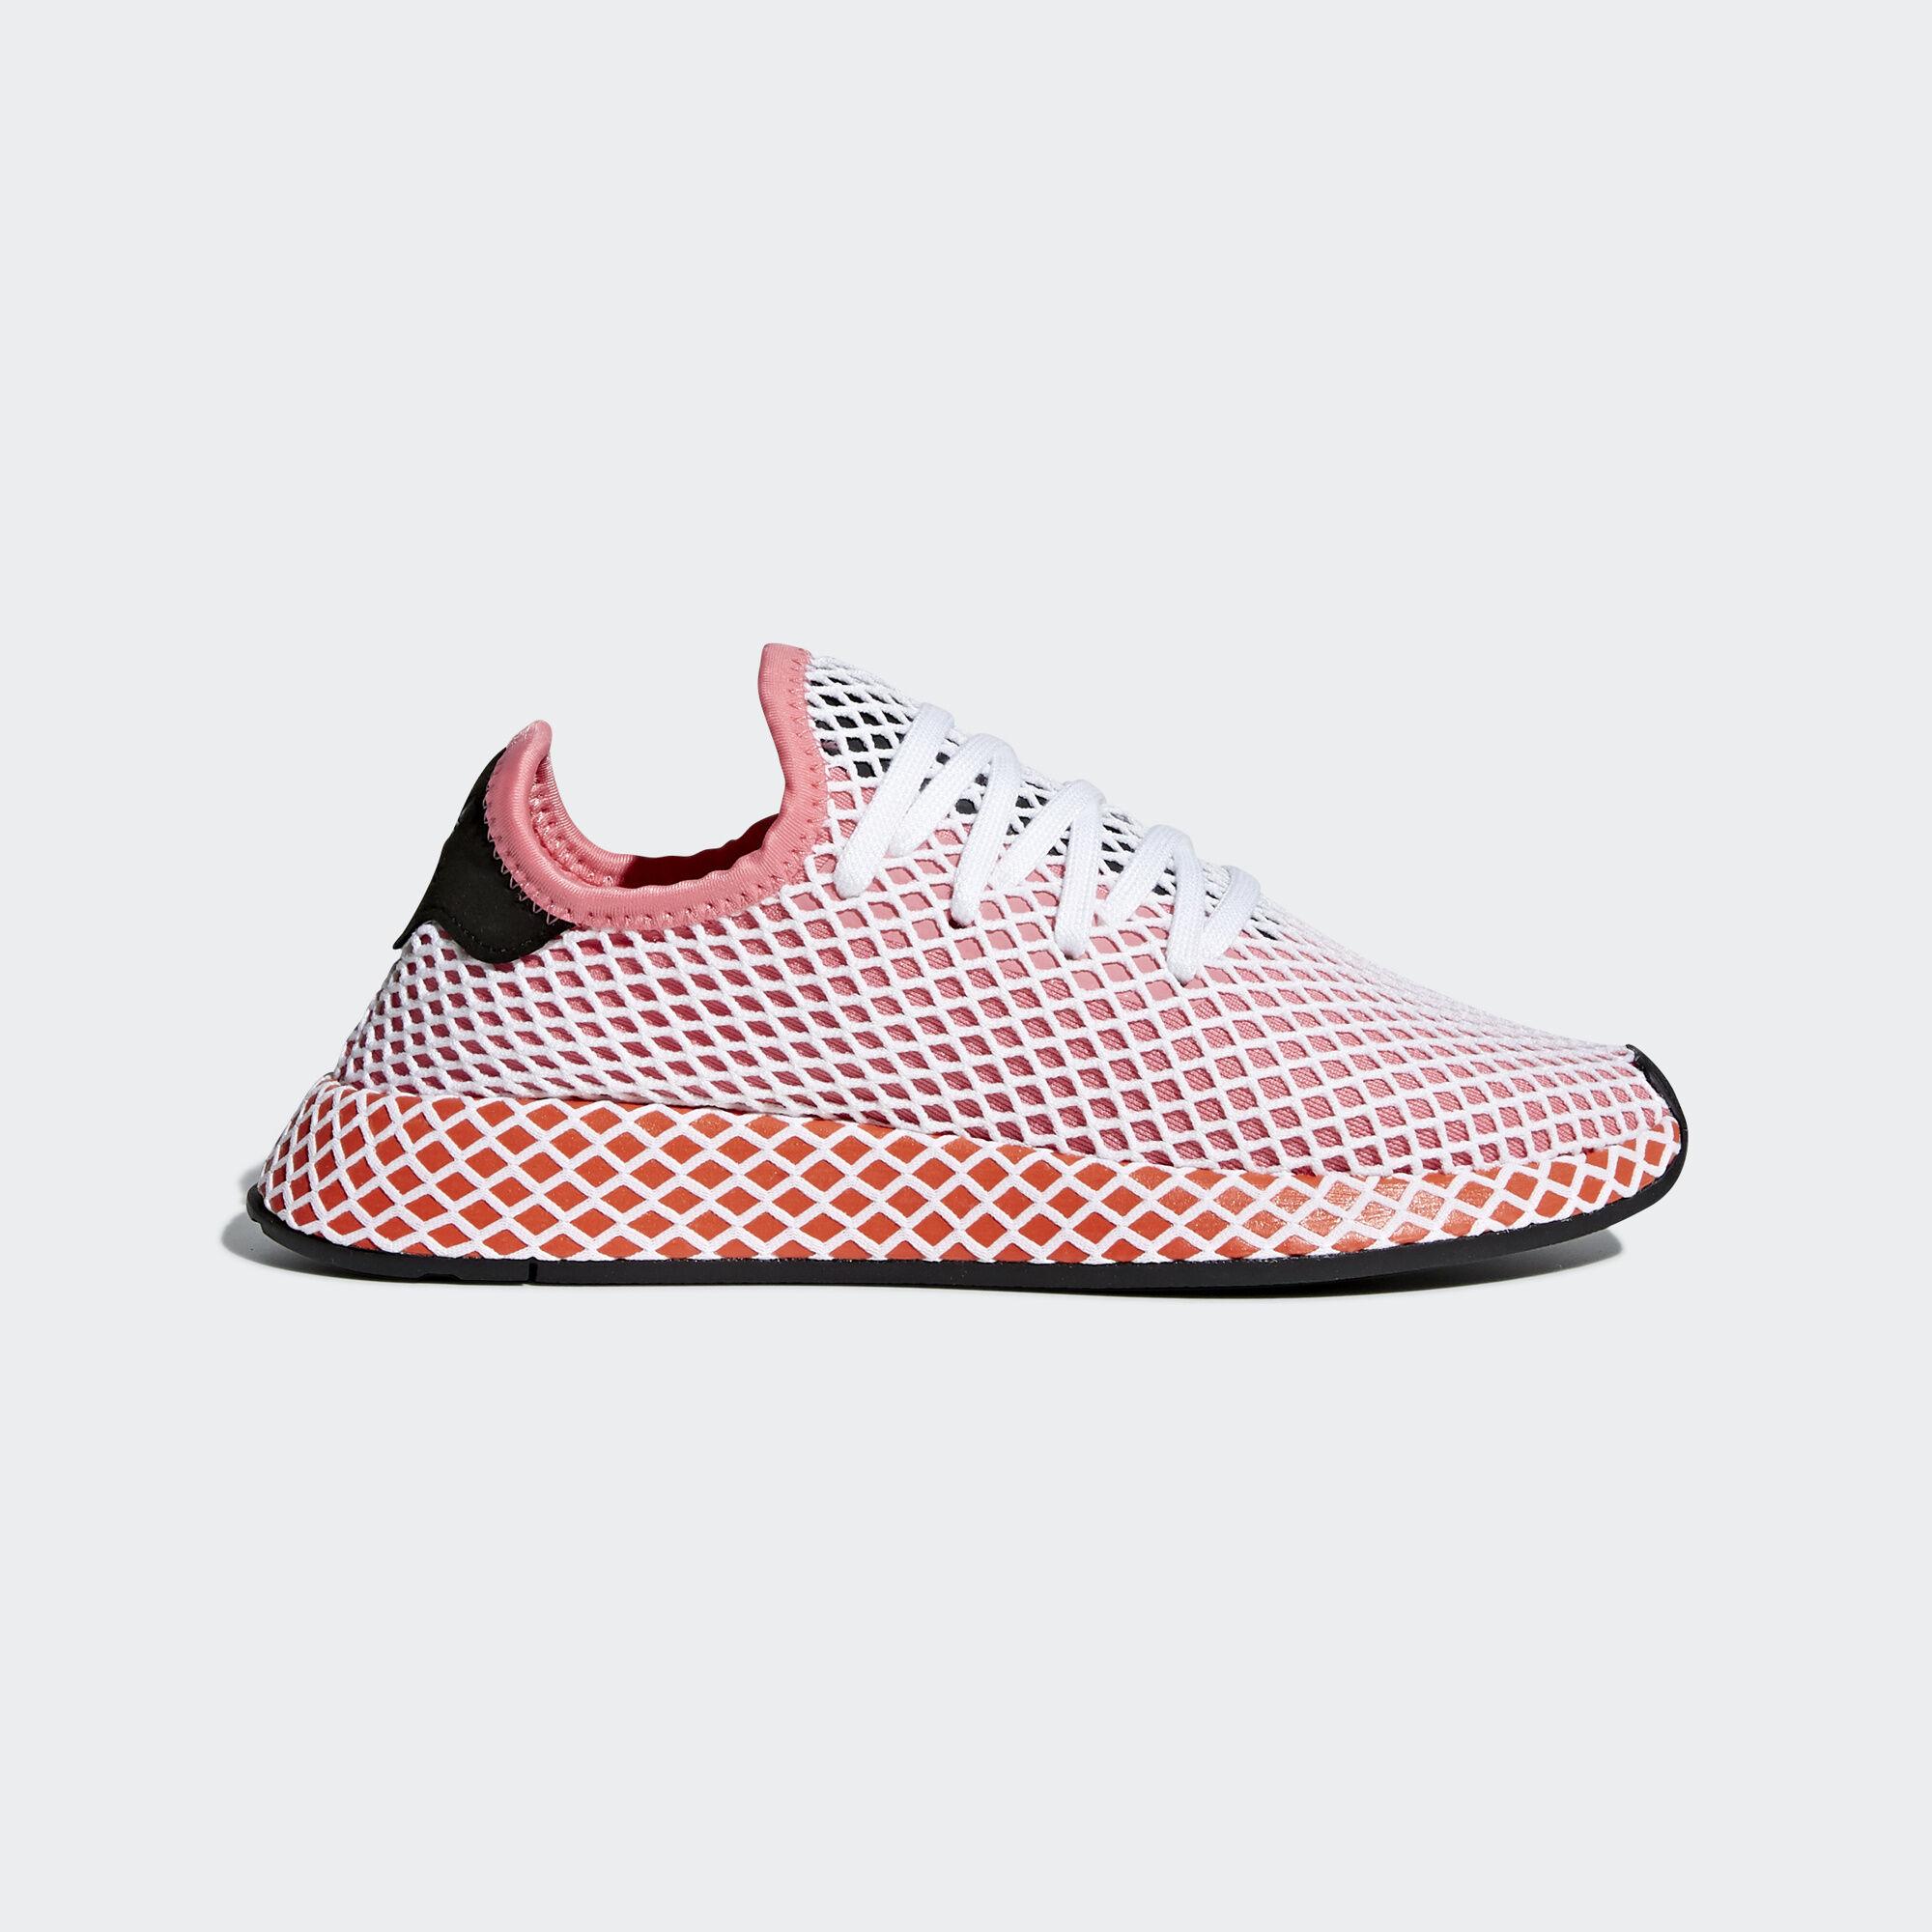 Adidas CQ2912 Women Runner Deerupt Running shoes blue black Sneakers